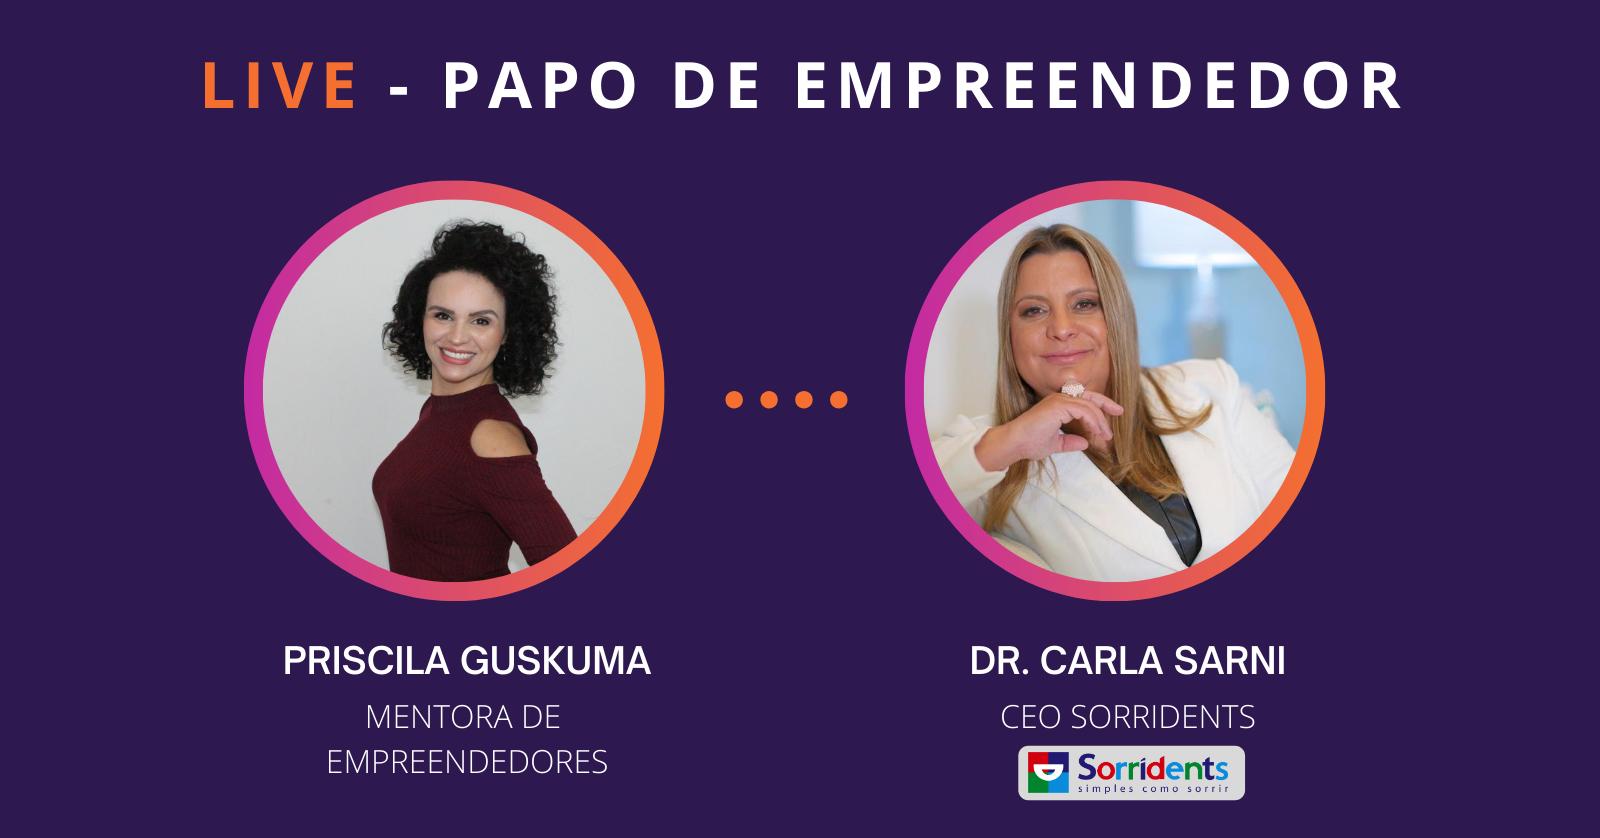 Priscila Guskuma estreia live Papo de Empreendedor no Instagram